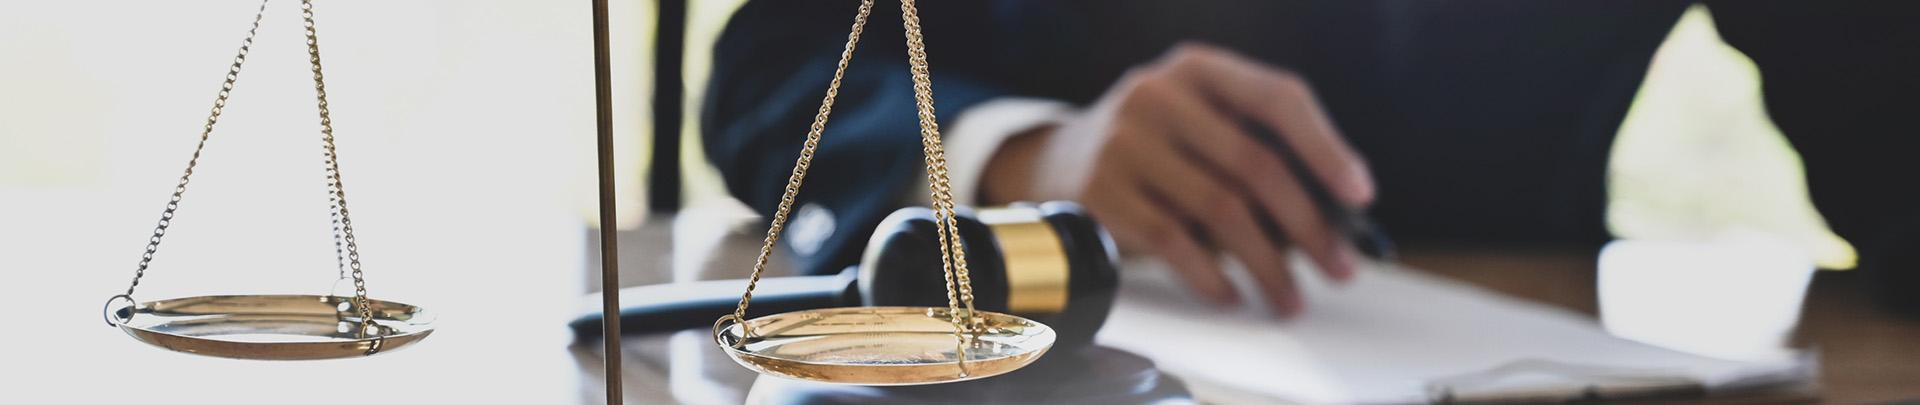 Baner waga dłonie młotek sędziowski